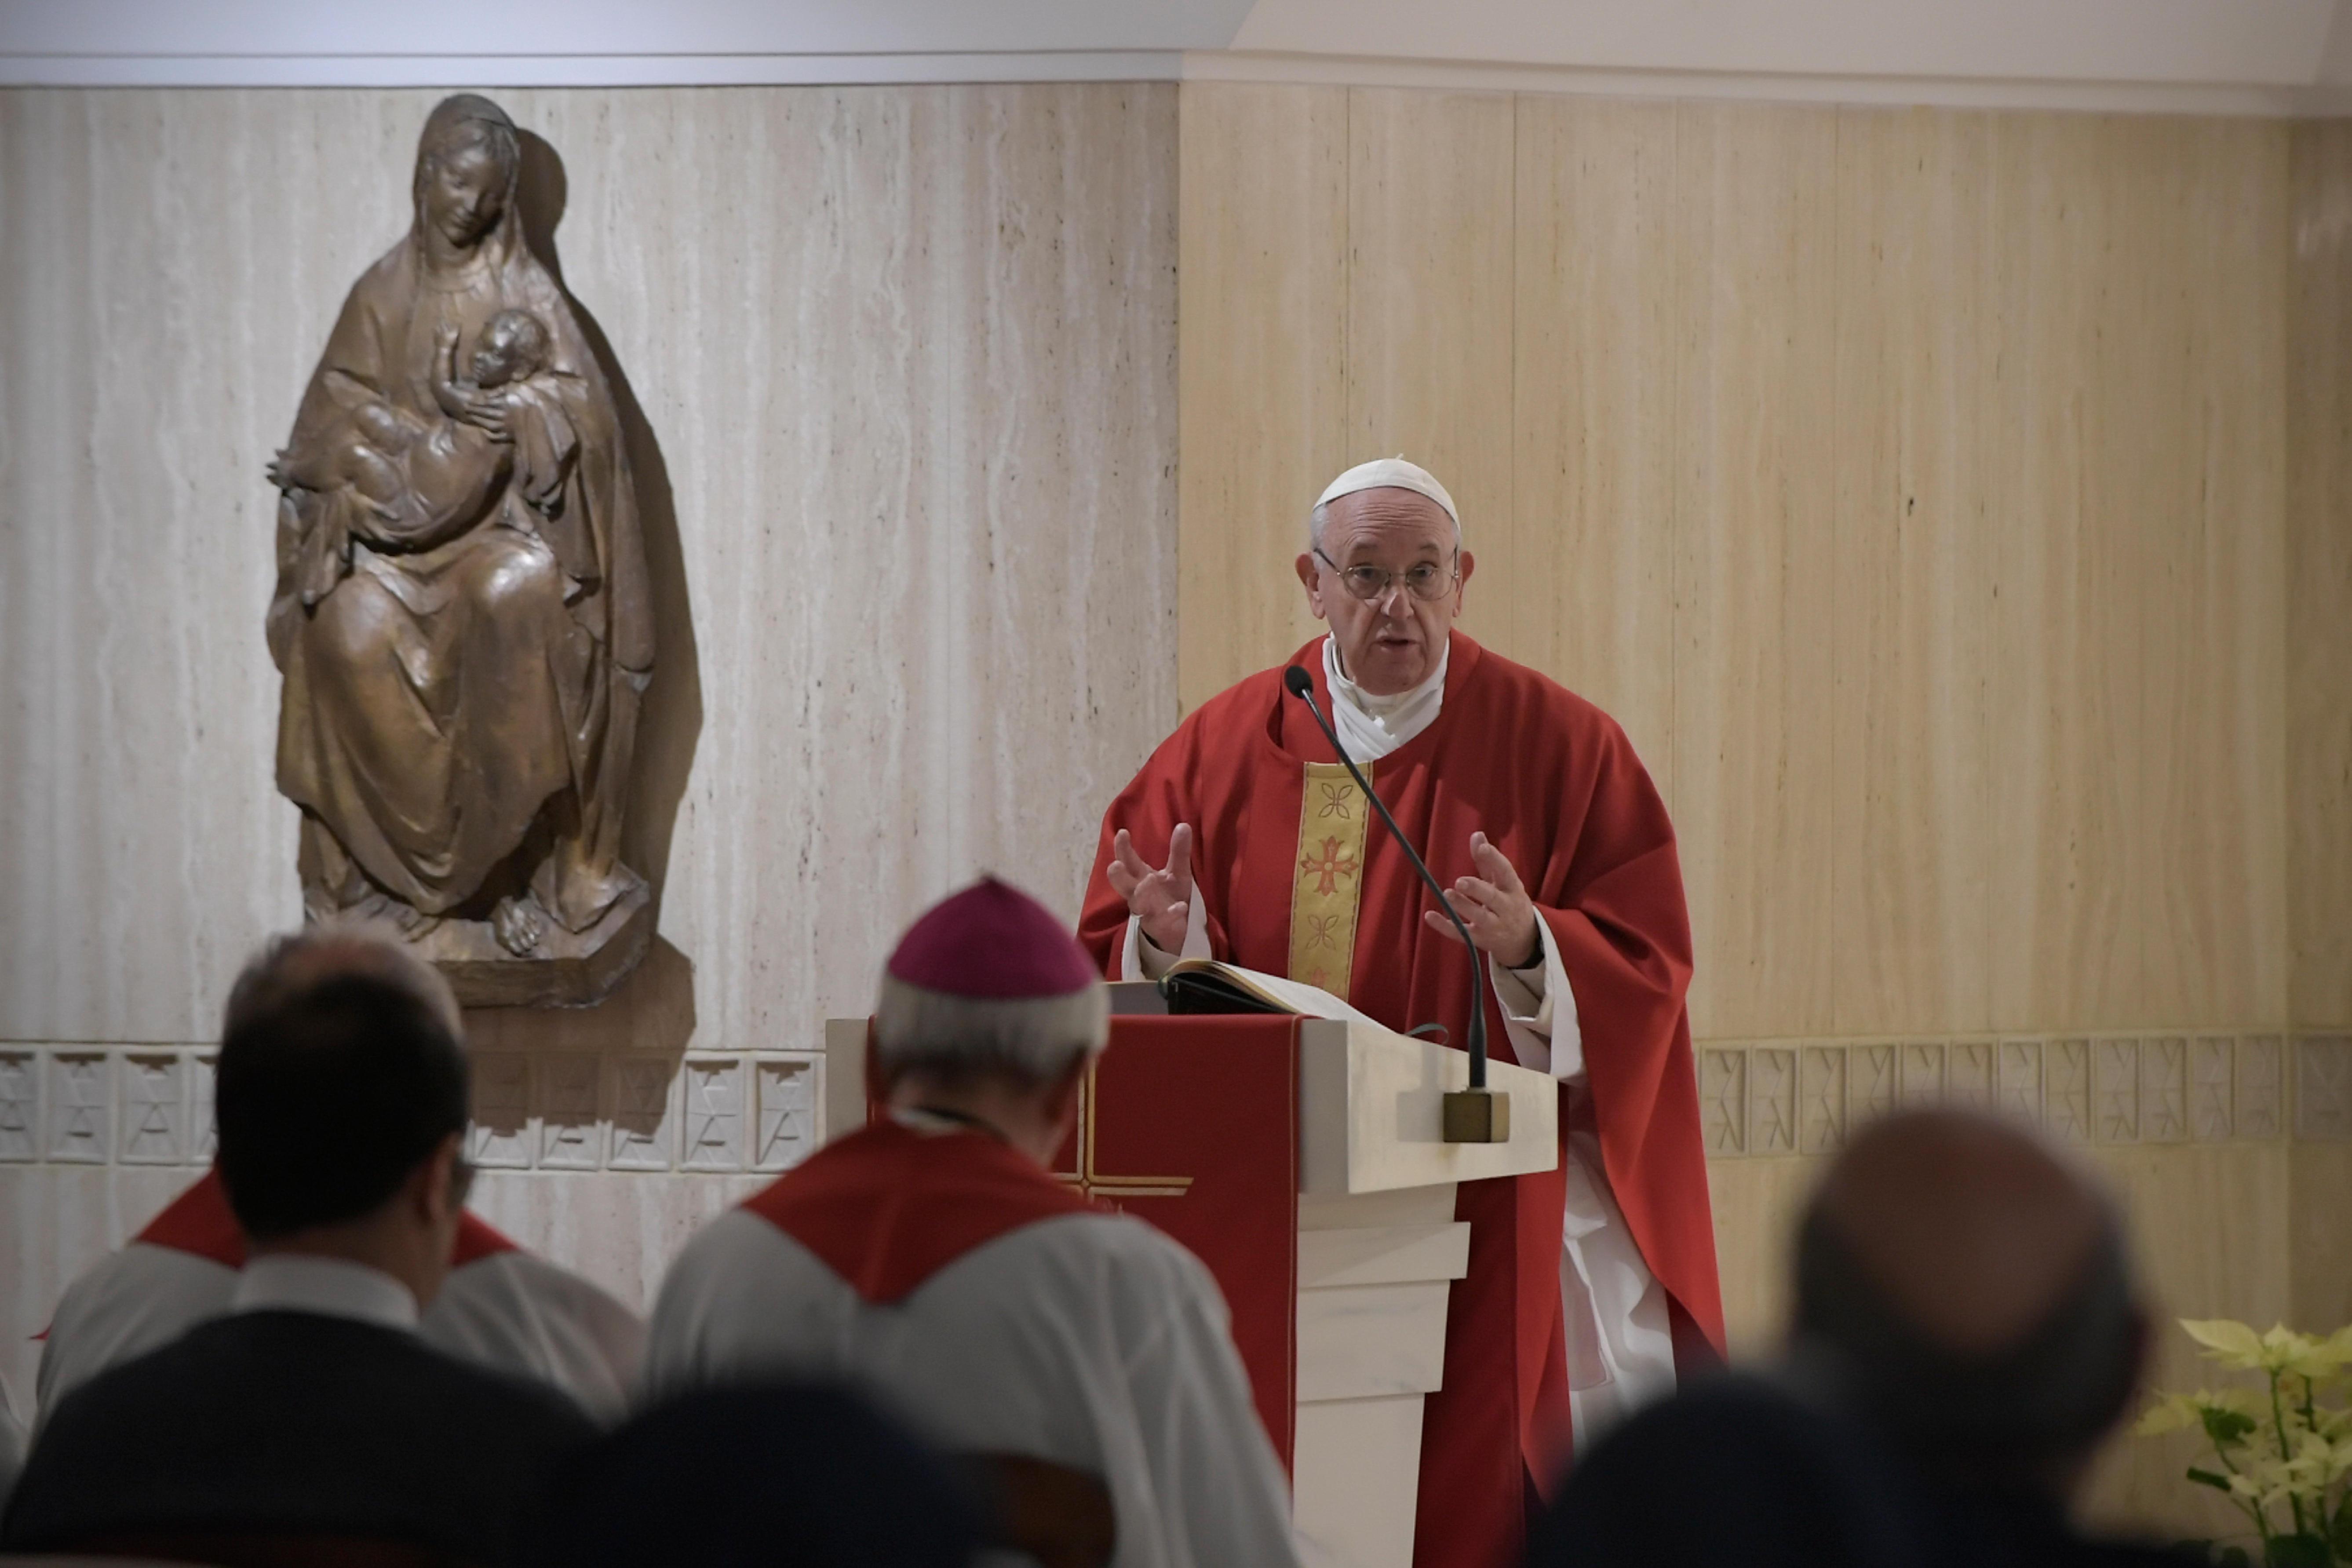 Misa en Santa Marta, 21 enero 2019 © Vatican Media